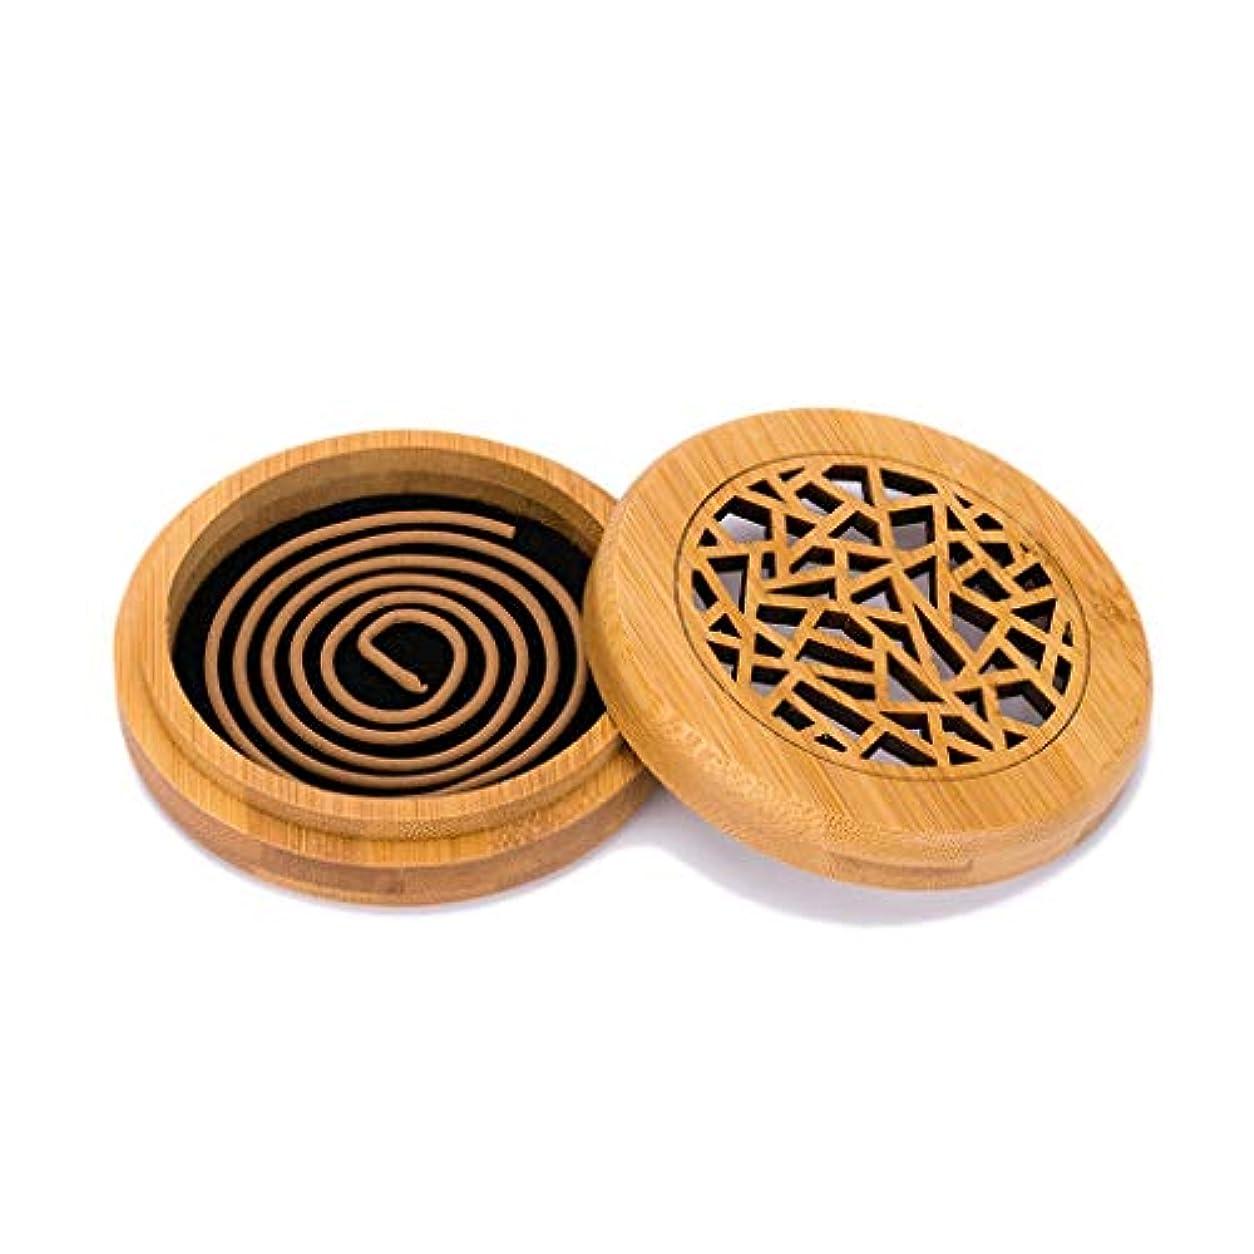 ジョージエリオット家暗黙木製香炉コイル香スティックコーンバーナーホルダー部屋の装飾瞑想竹アッシュキャッチャー香ホルダー (Color : Wood, サイズ : Round)